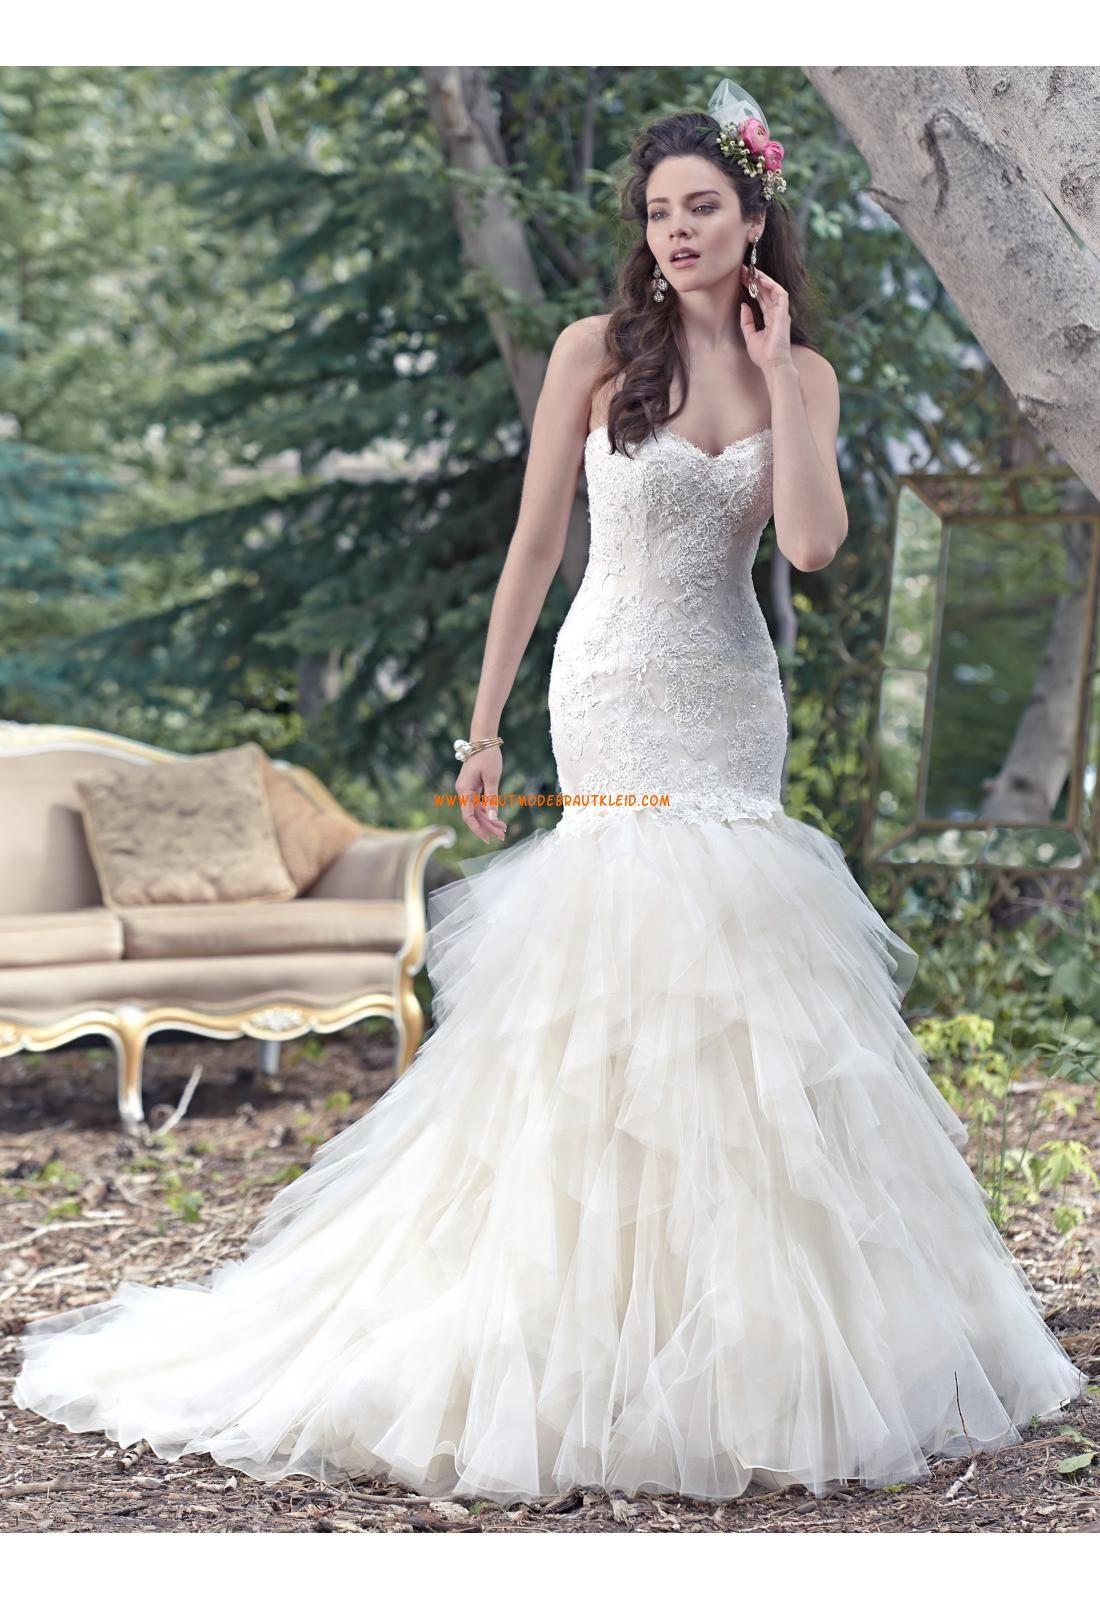 Meerjungfrau Herz-ausschnitt Romantische Brautkleider aus Organza ...